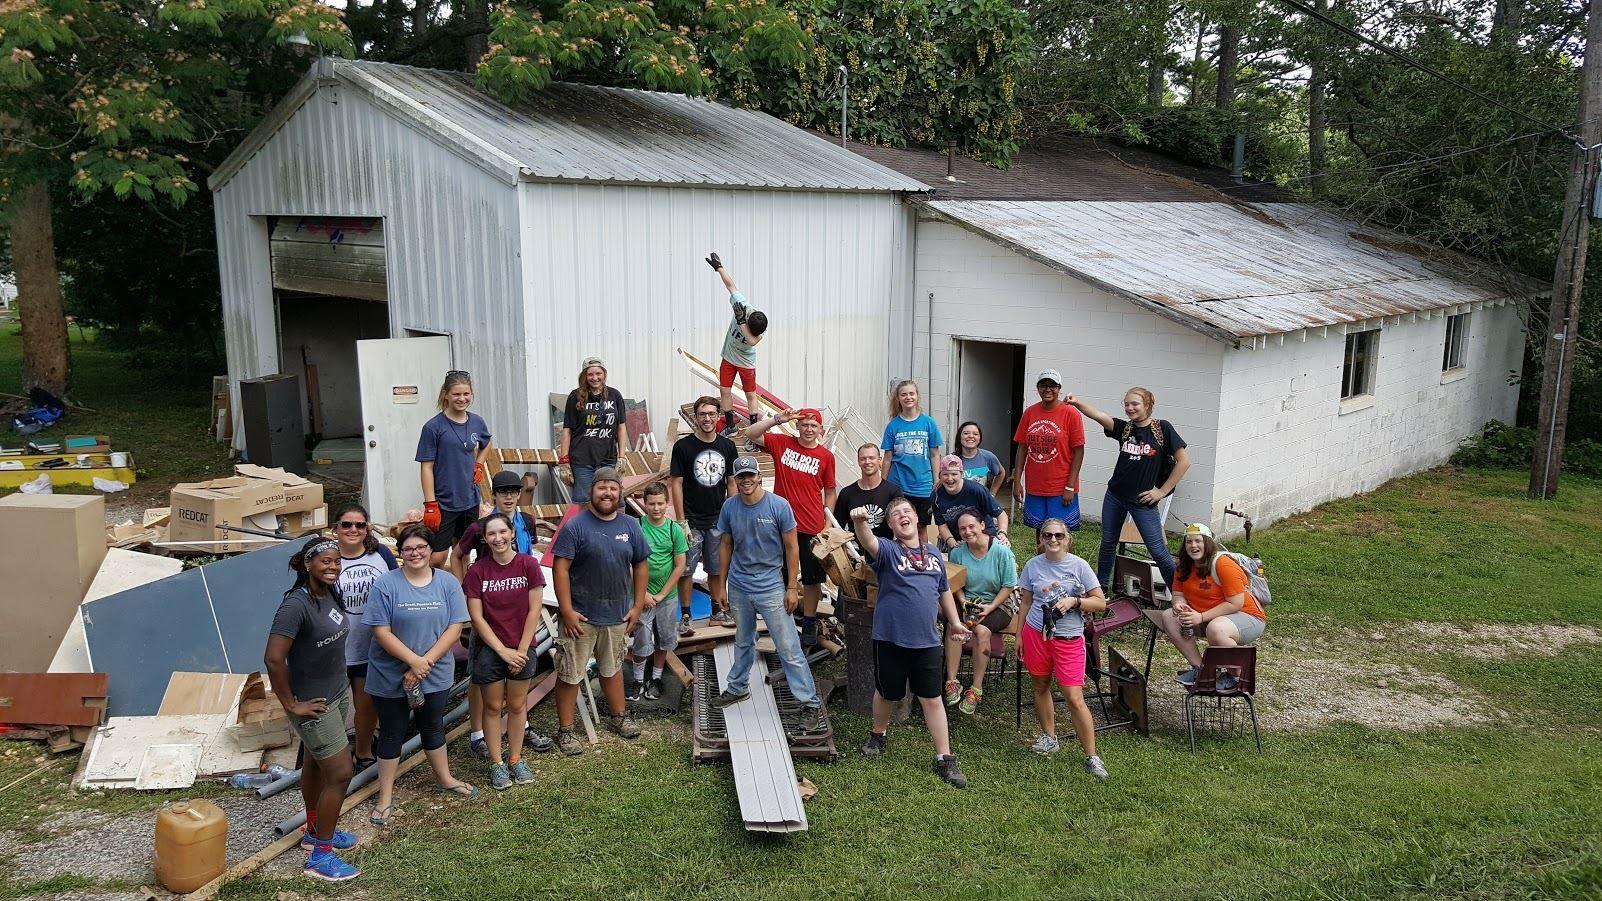 Teen volunteers outdoors